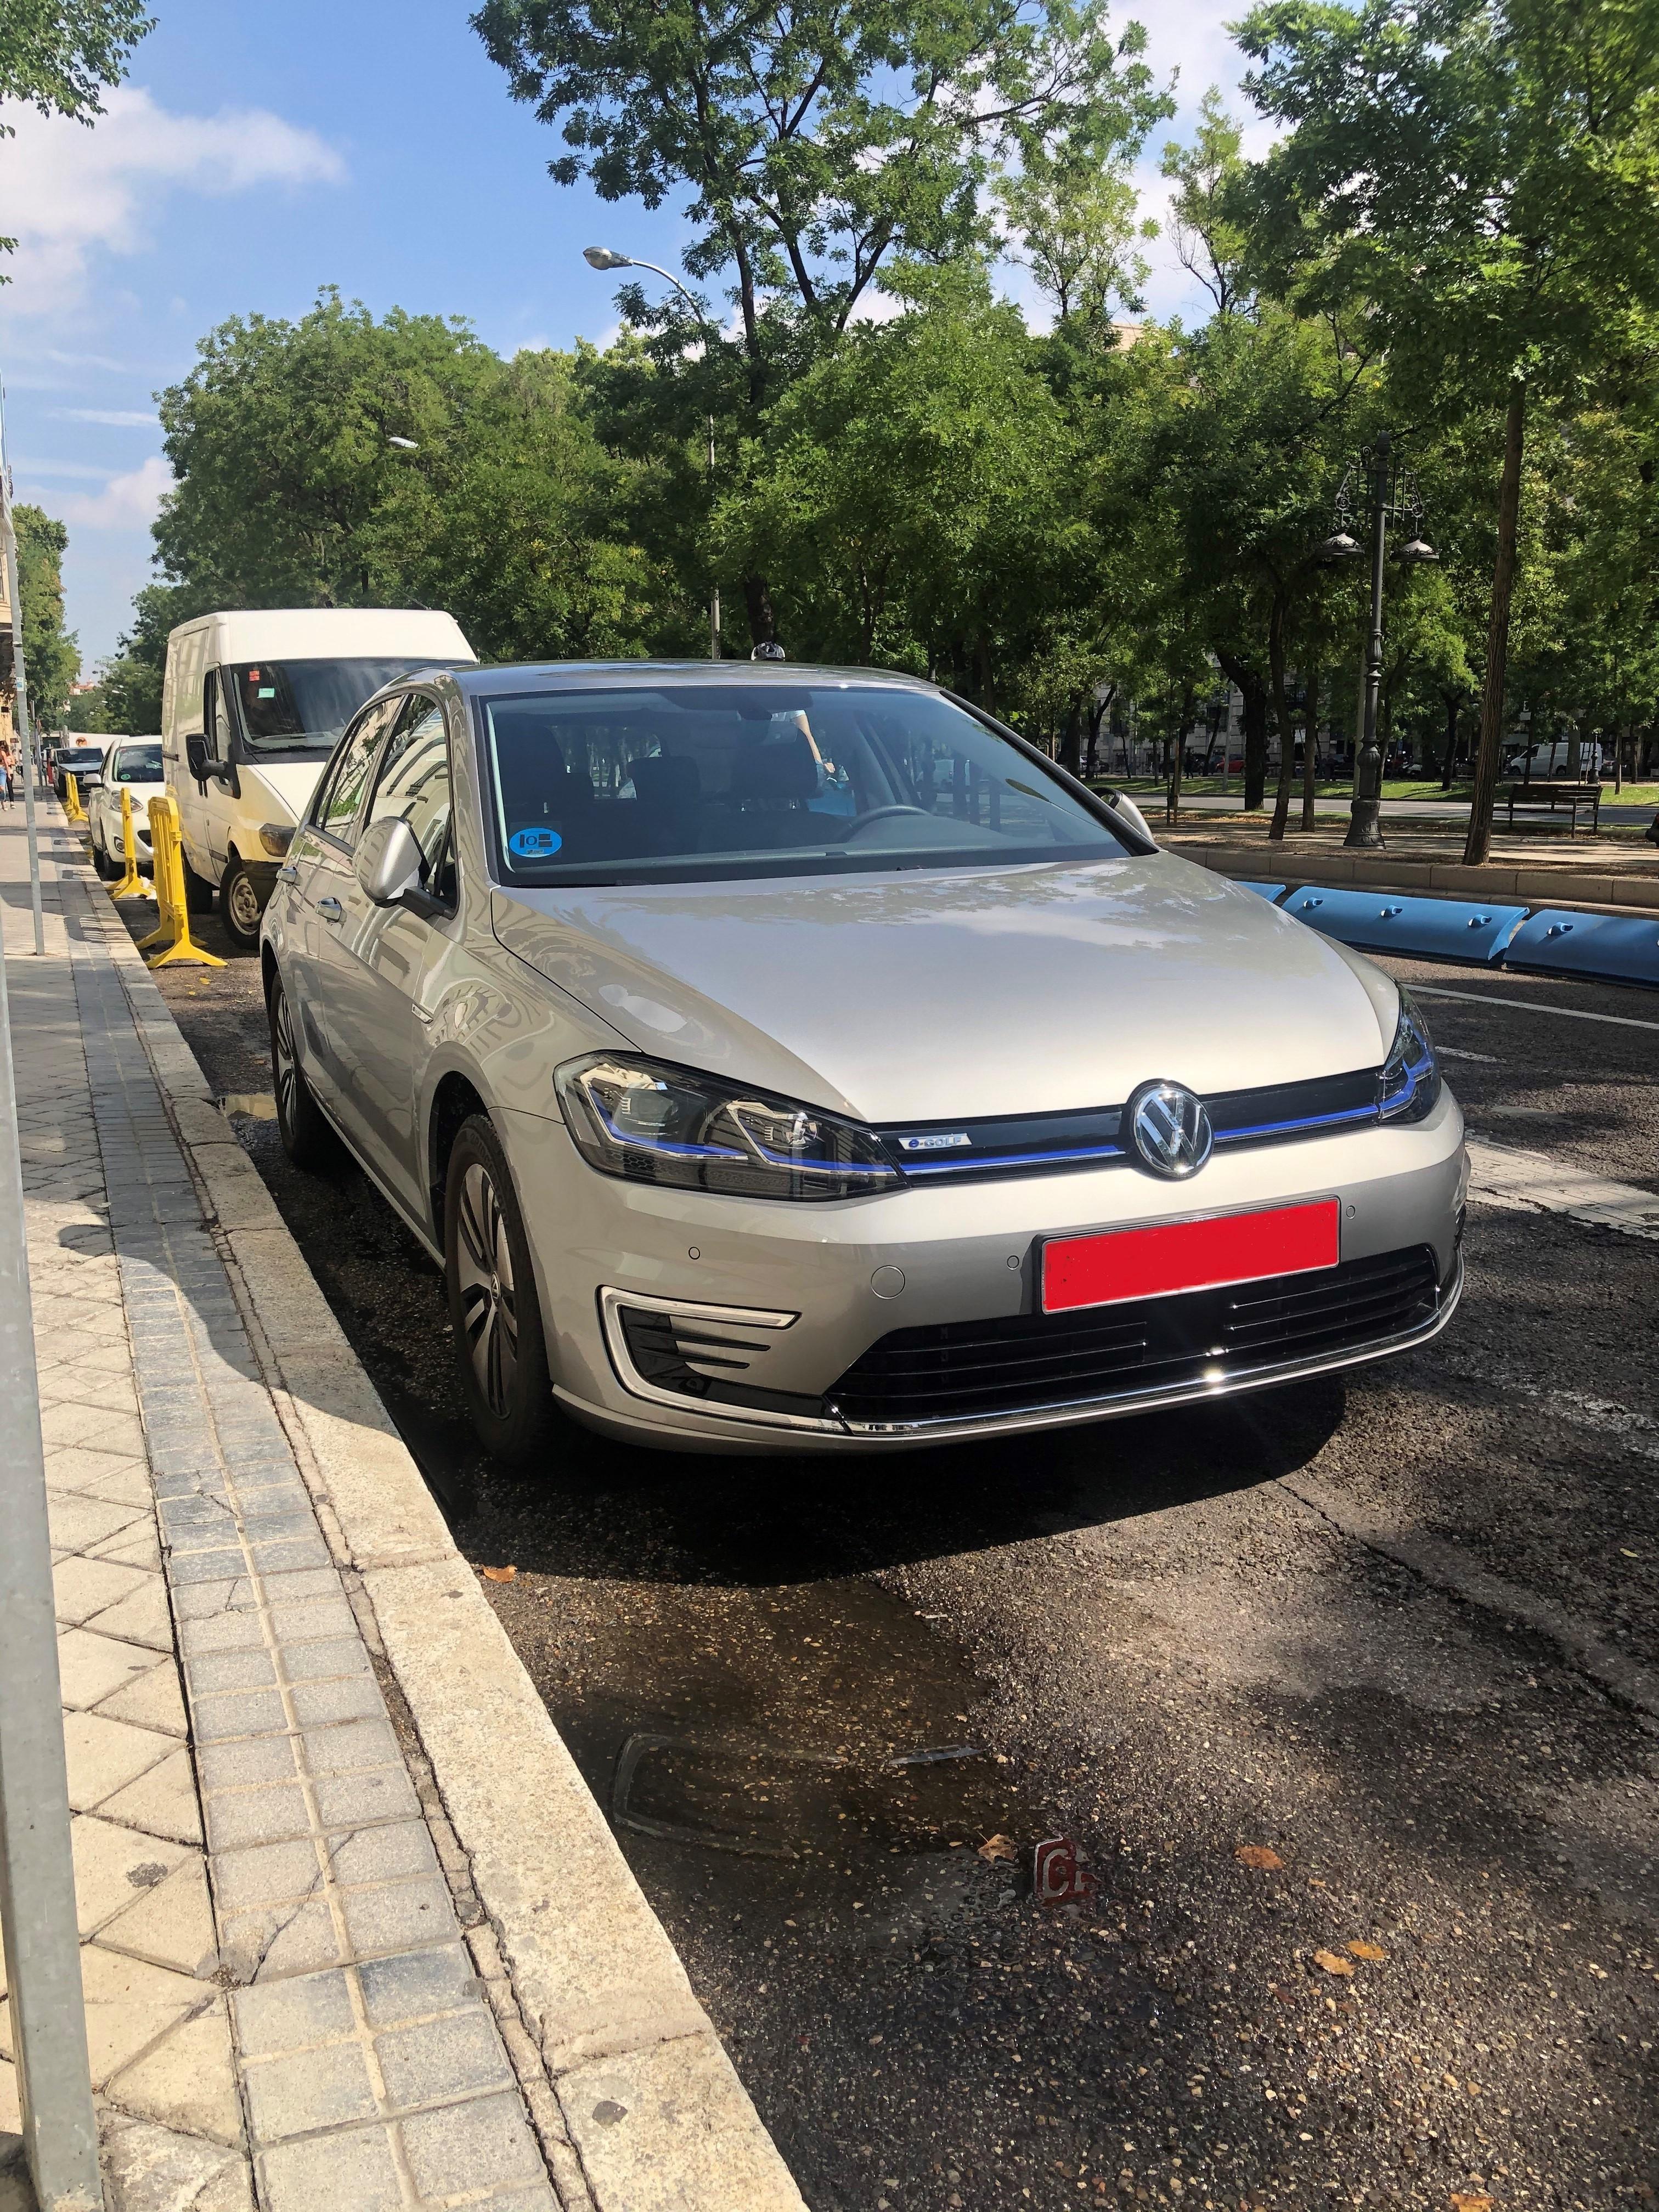 Harmaa Volgswagen-merkkinen sähköauto parkkeerattuna kadulle.